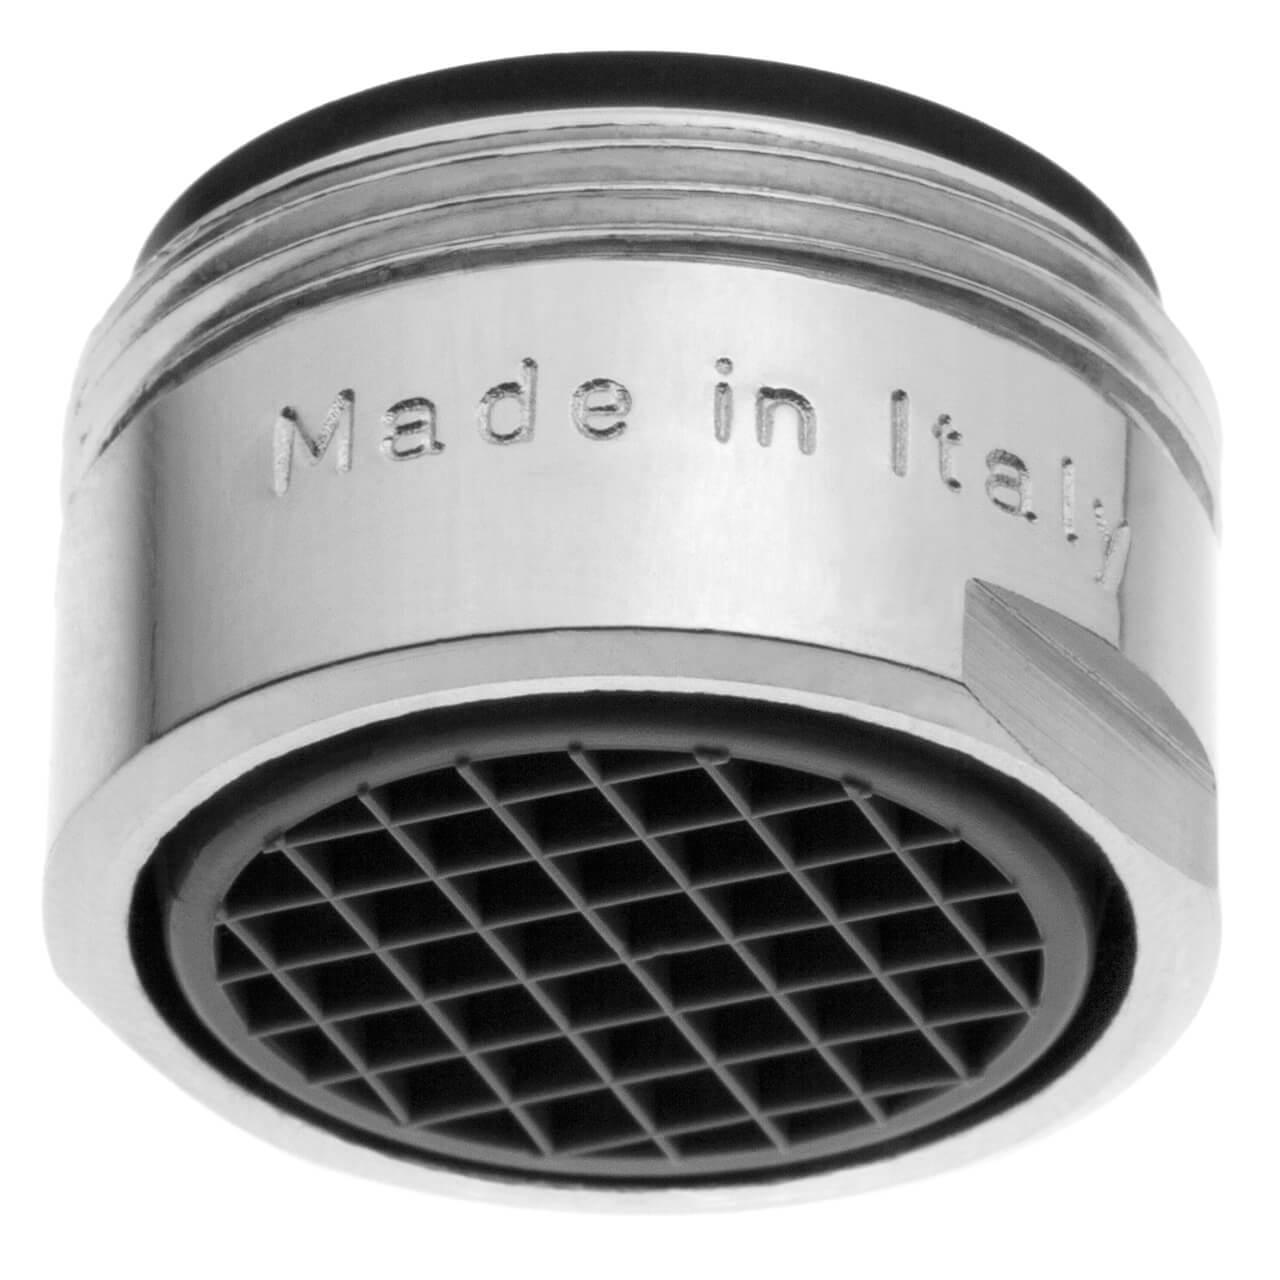 Aerator Terla FreeLime 4.5 l/min - Gwint M24x1 zewnętrzny - najbardziej popularny